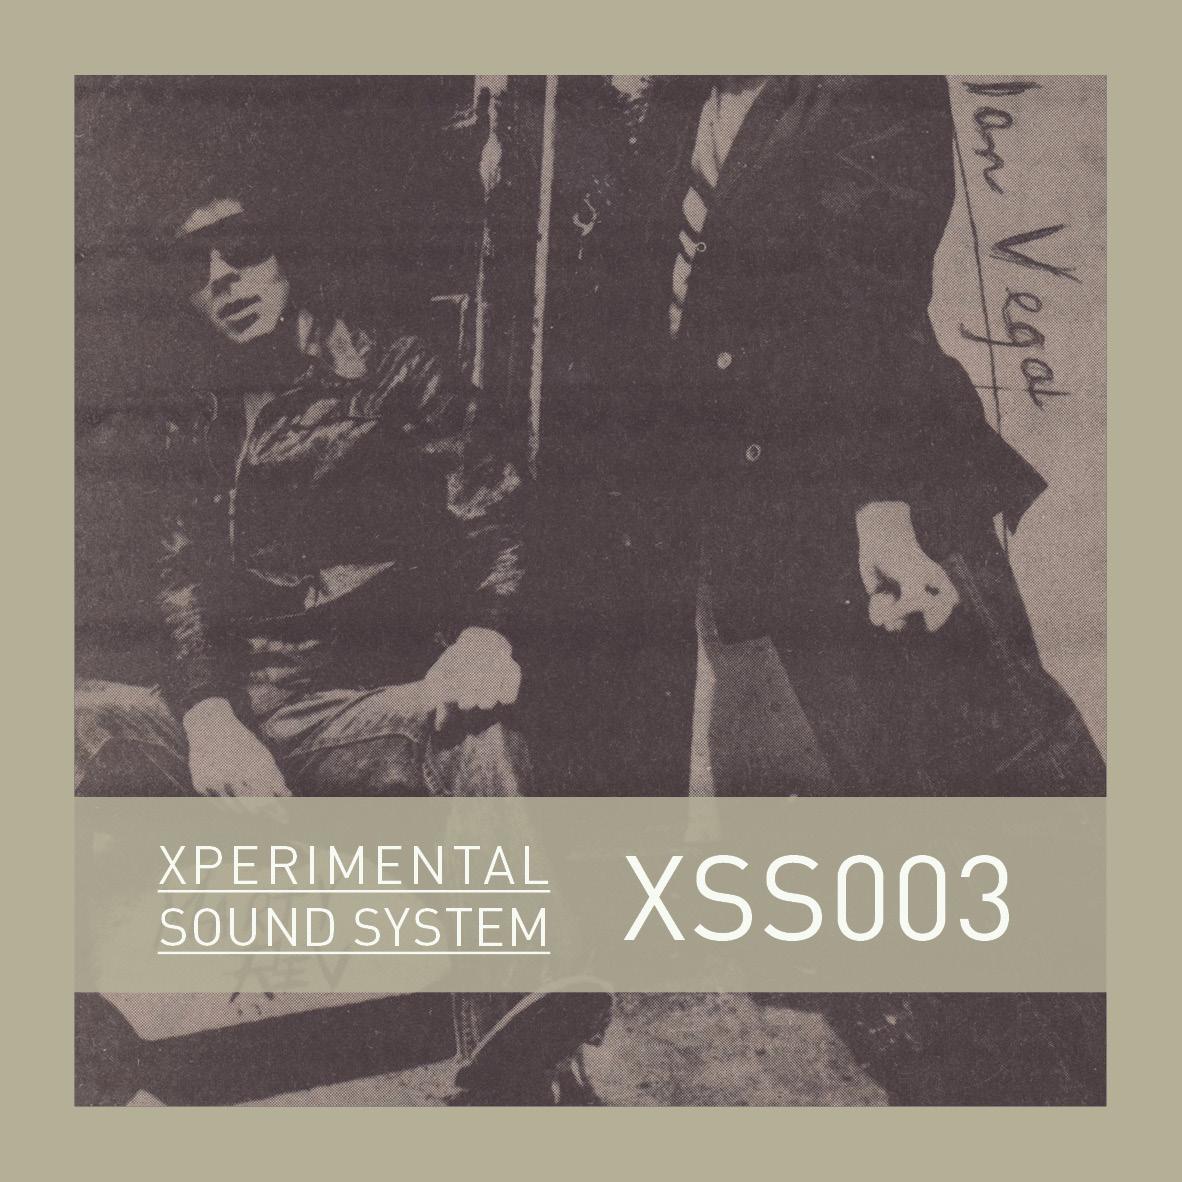 XSS003